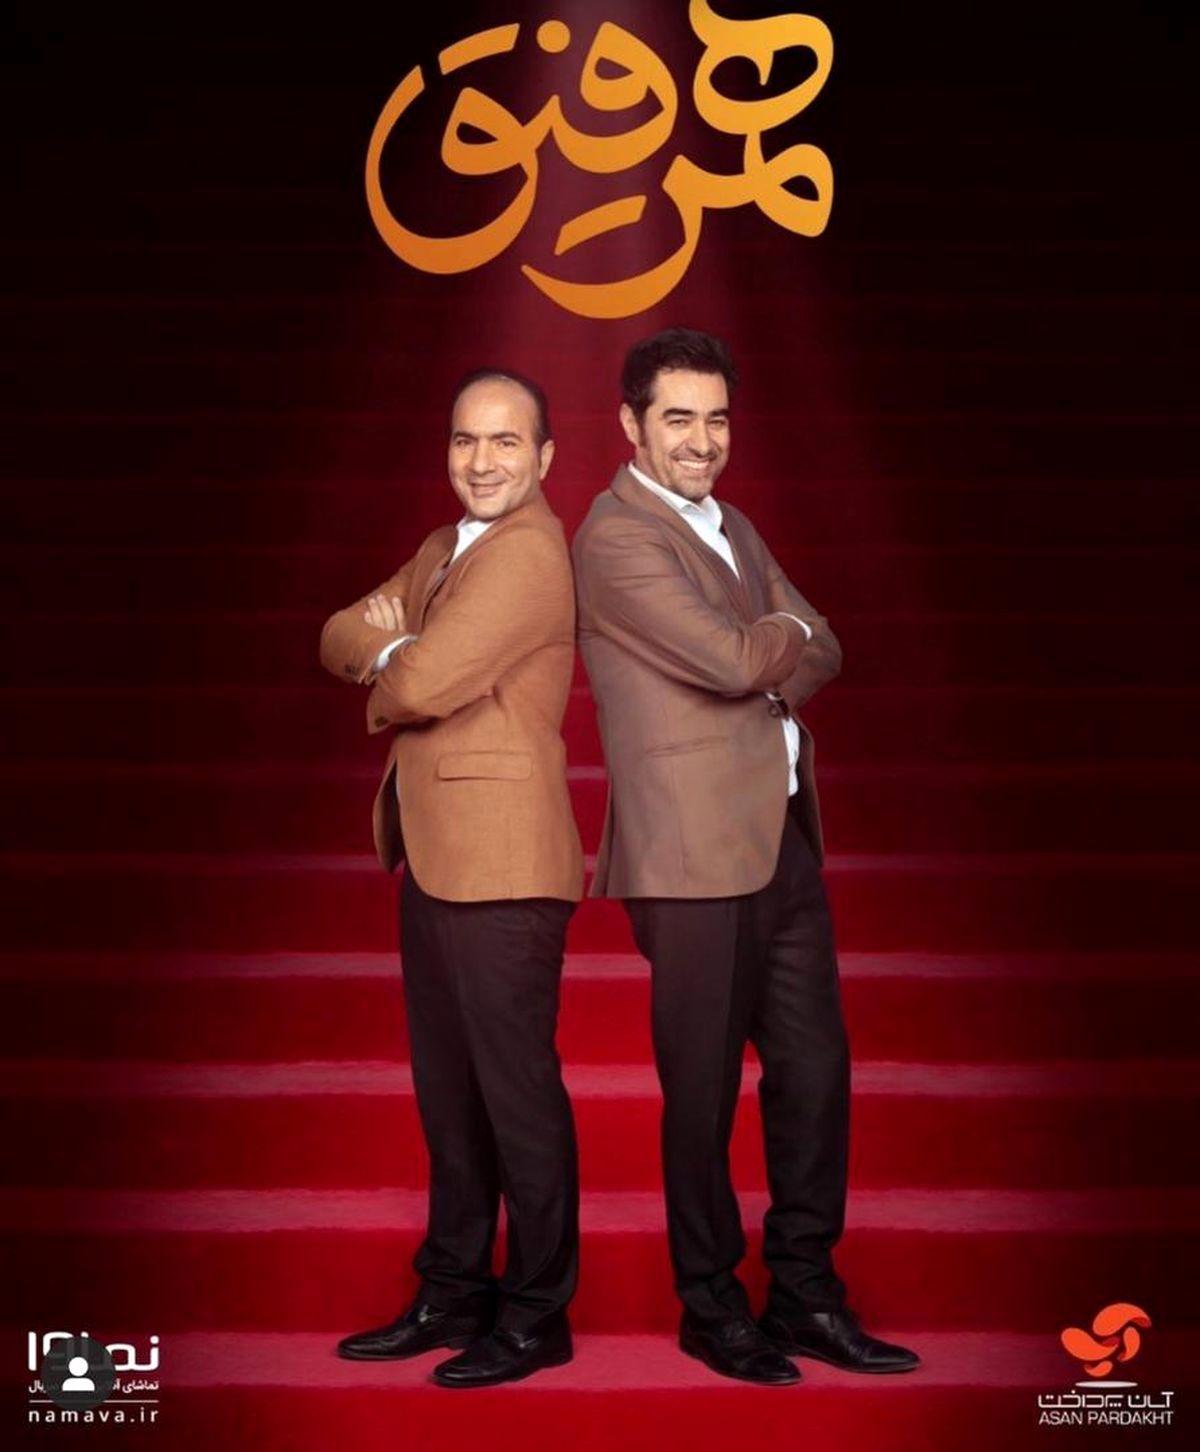 حسن ریوندی در همرفیق + فیلم